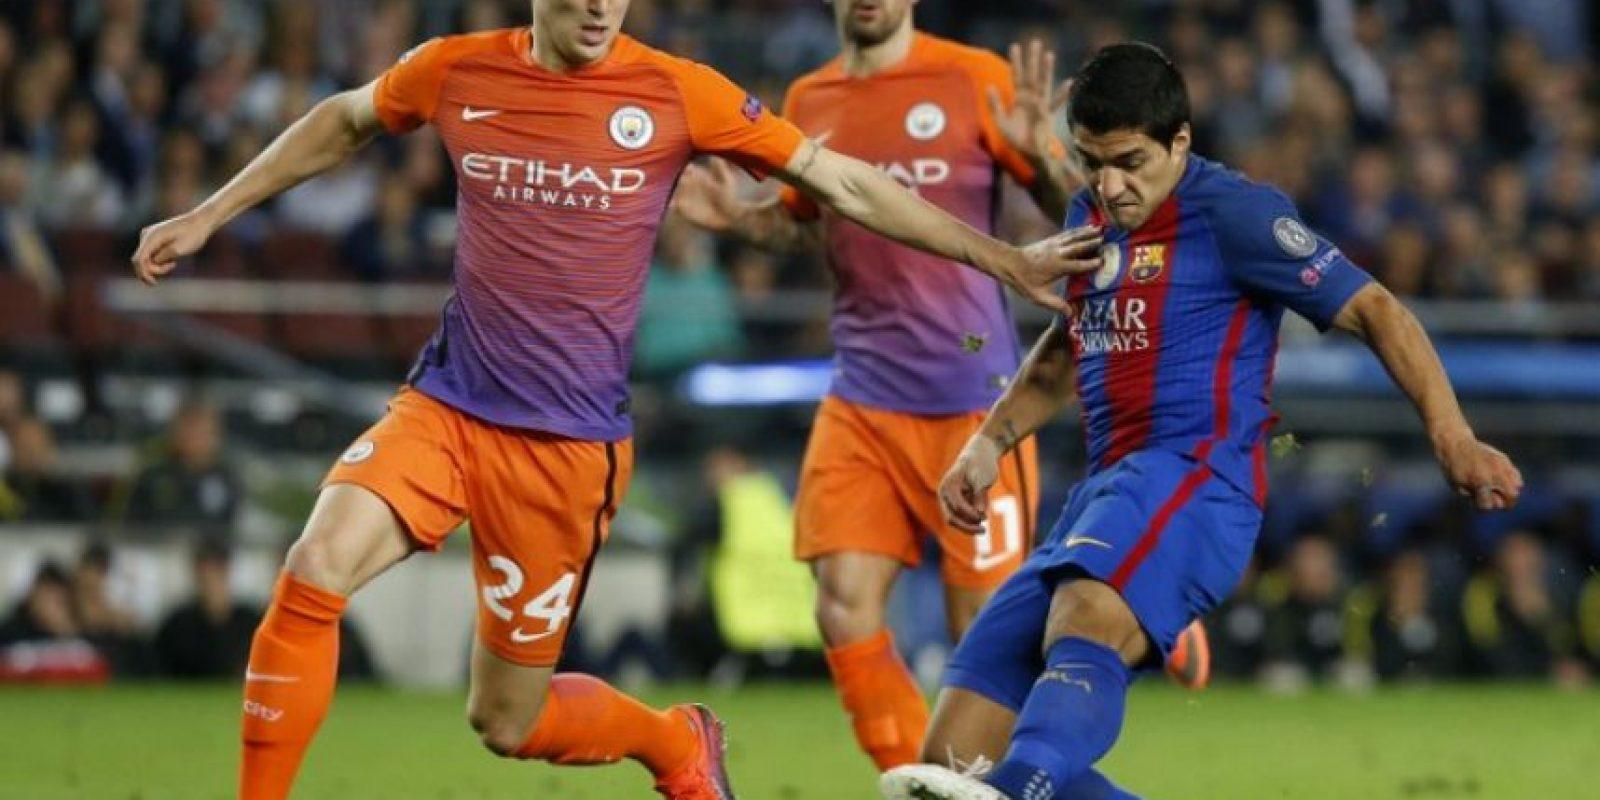 El primer partido culminó con un contundente 4-0 a favor de los azulgranas. Foto:AFP